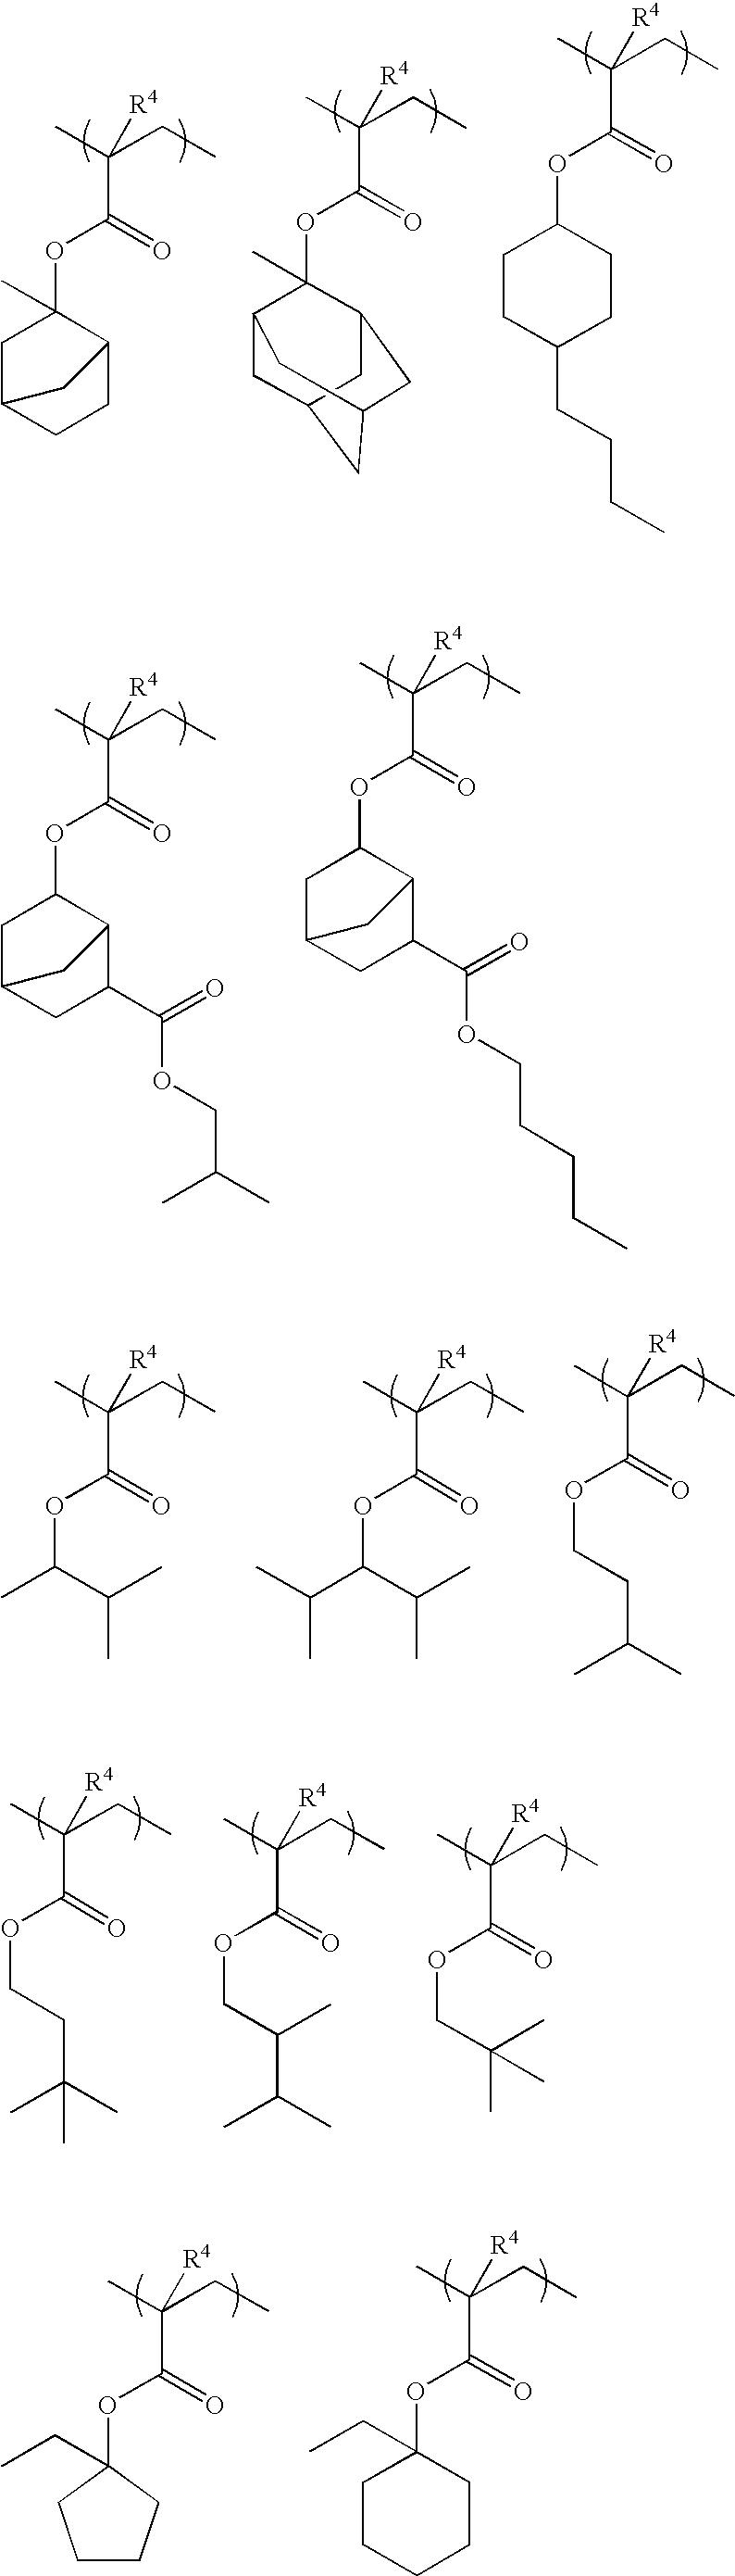 Figure US20070231738A1-20071004-C00011